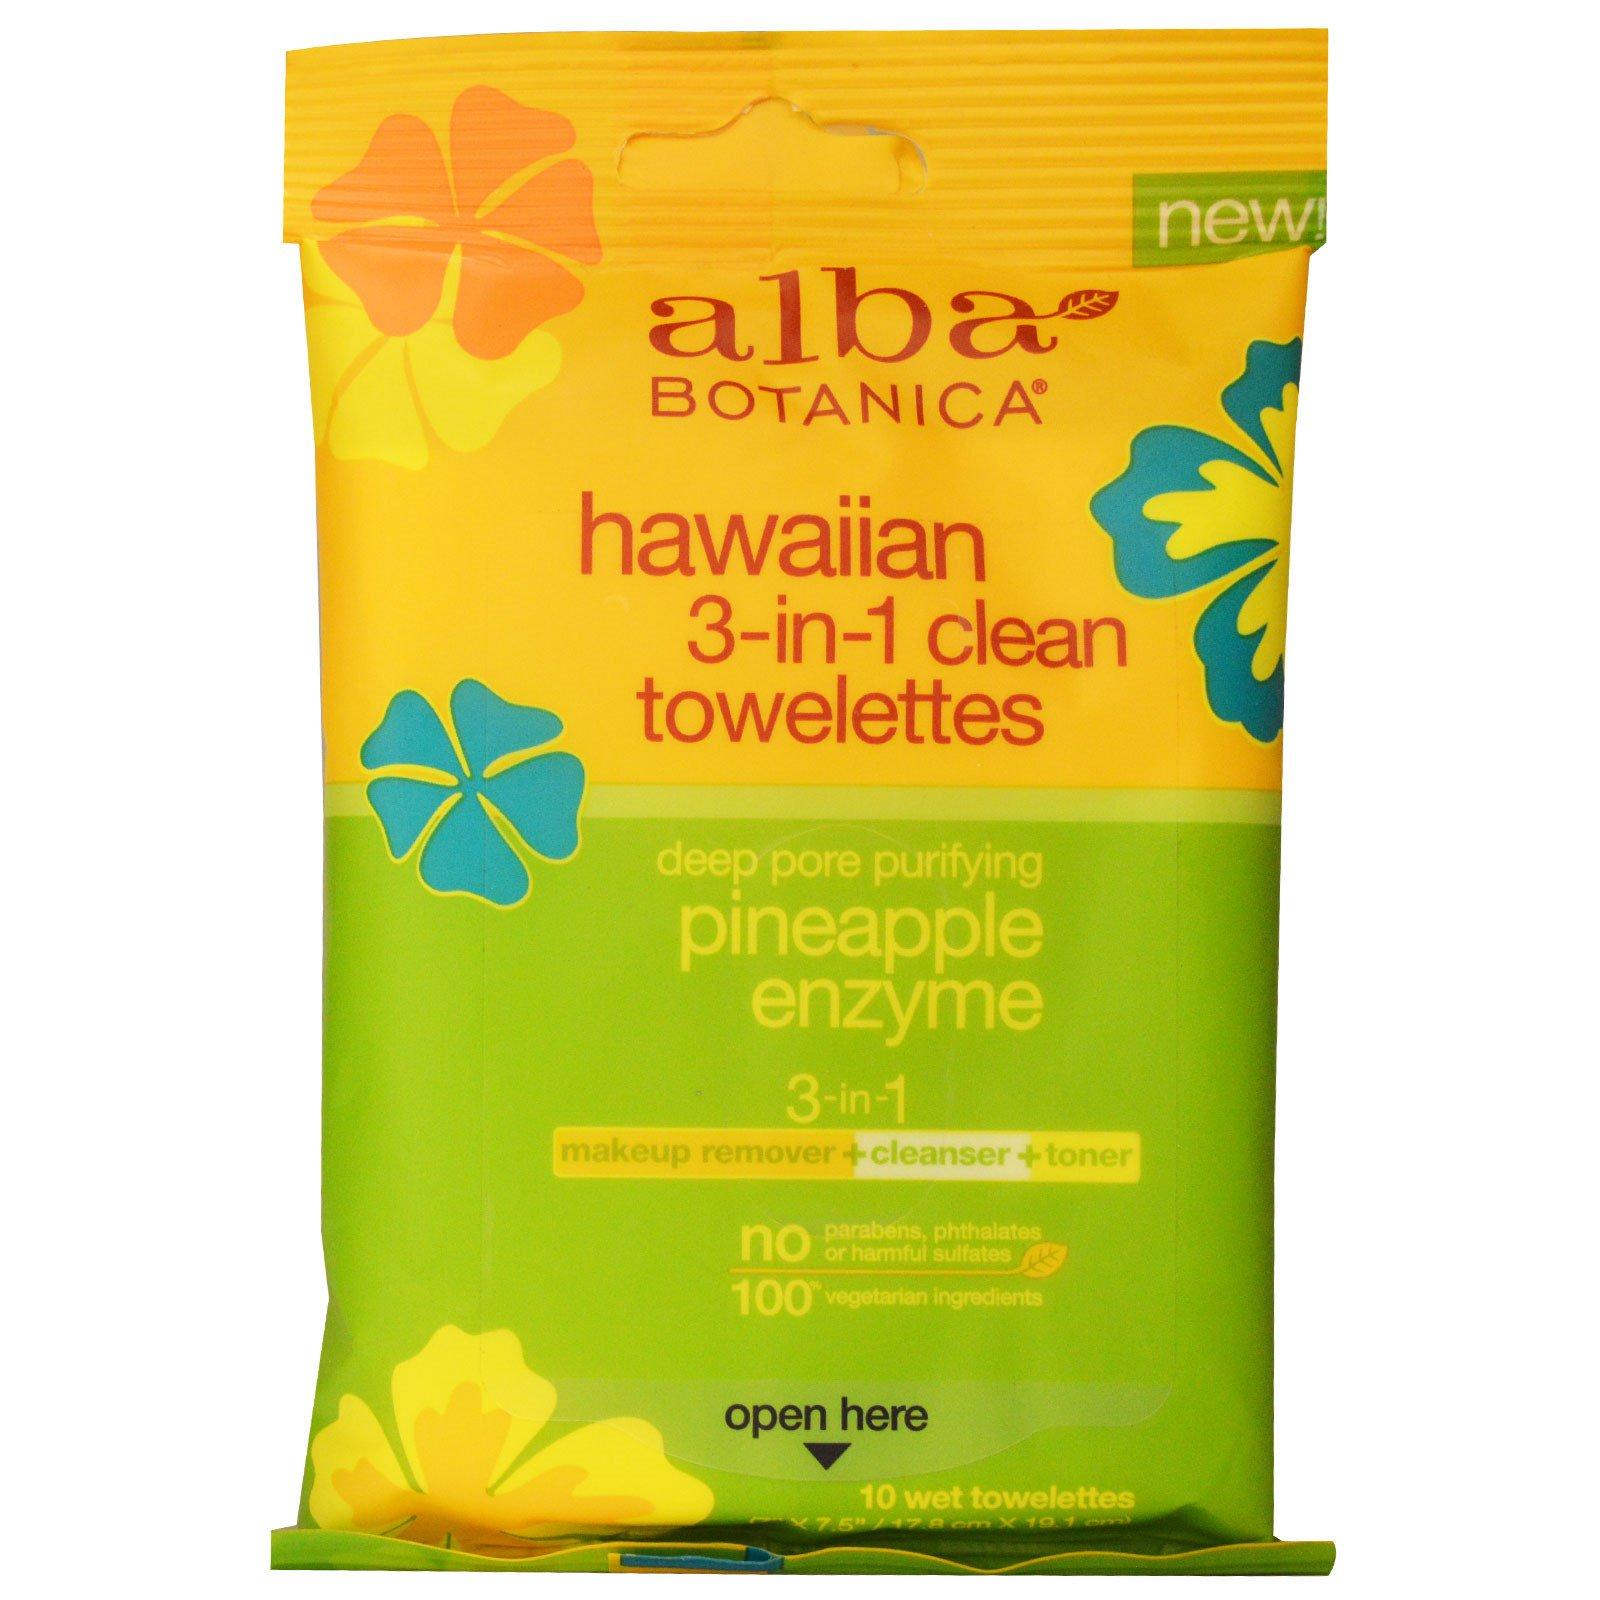 Alba Botanica, Гавайские влажные салфетки для очистки 3-в-1, ананасовый энзим, 10 влажных салфеток